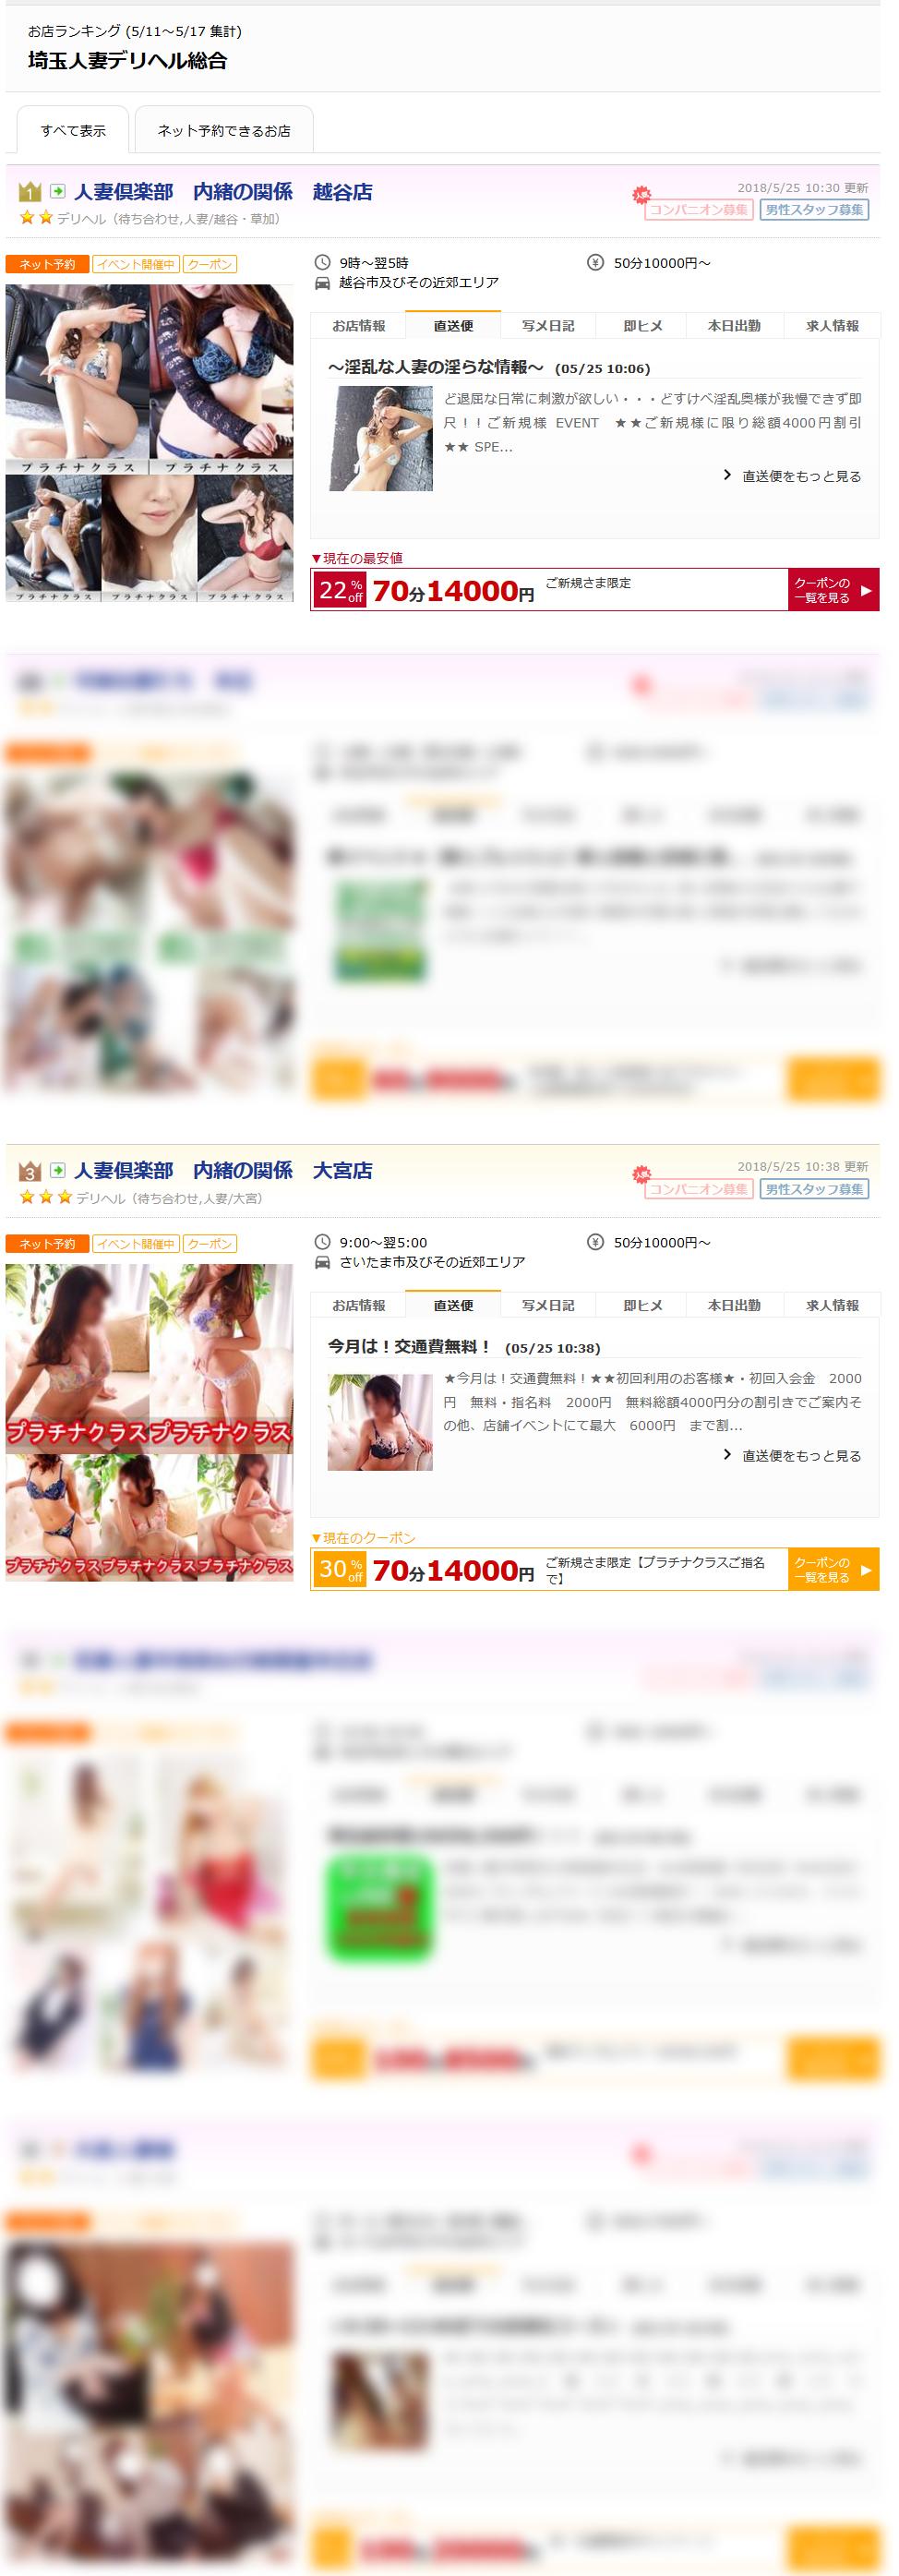 埼玉県人妻デリヘルお店ランキング2018-05-21